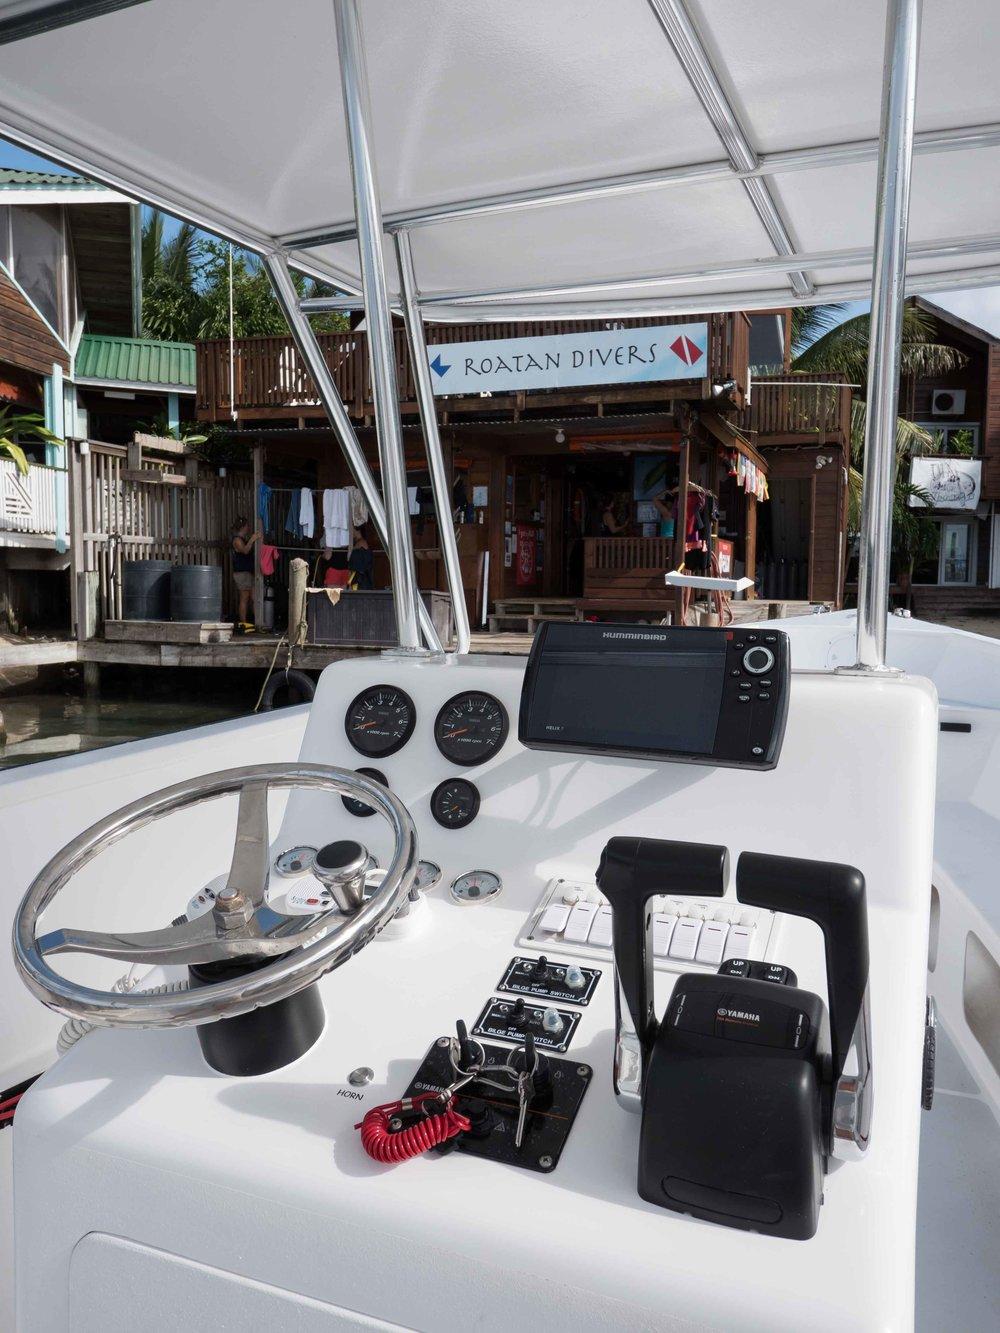 Roatan Divers' boat, Sáf